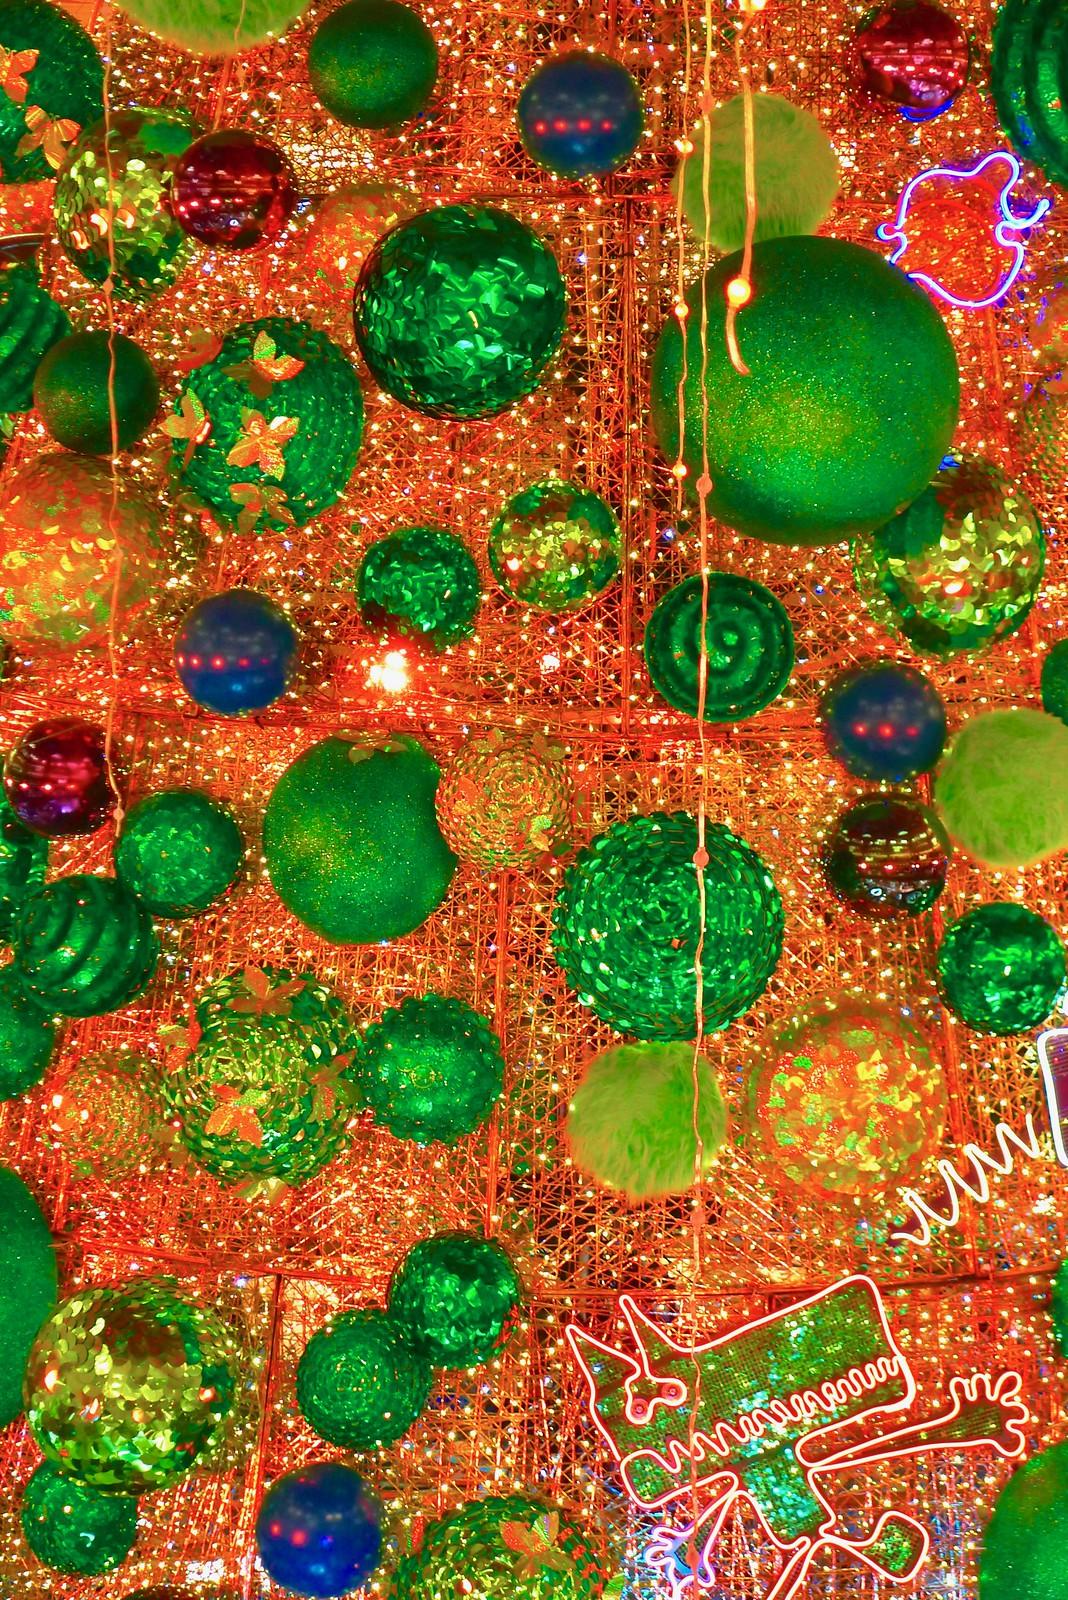 L'arbre de Noël 2018 aux Galeries Lafayette Haussmann, Paris